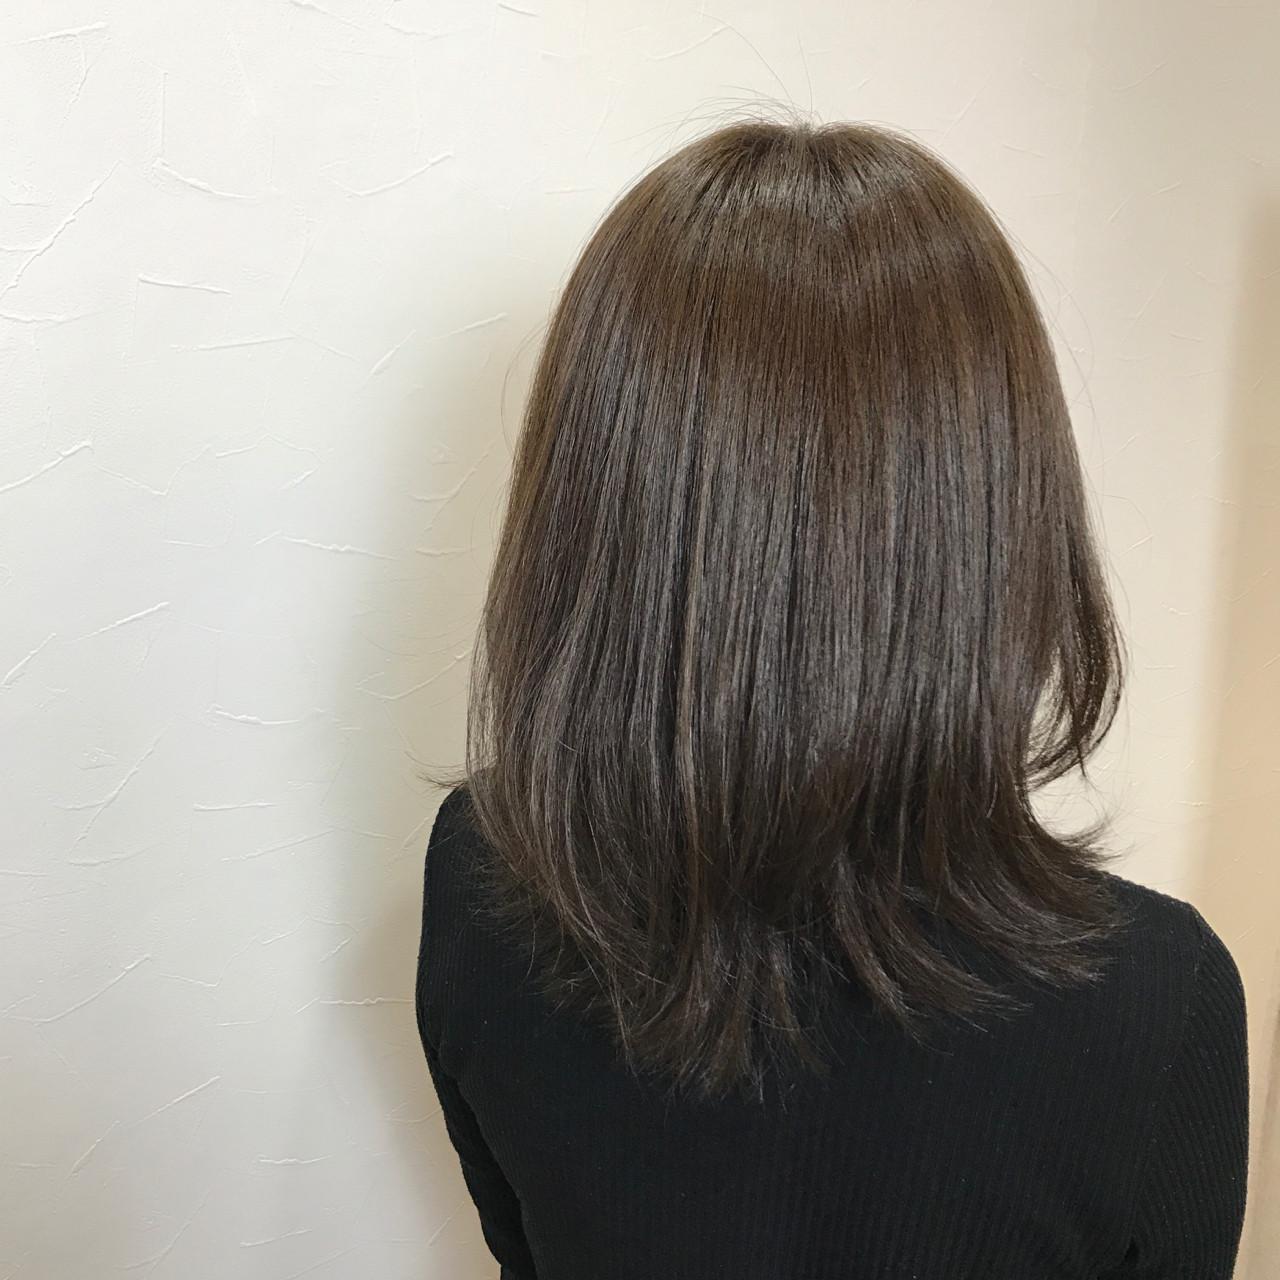 ミディアム ガーリー ベージュ マット ヘアスタイルや髪型の写真・画像 | REI / chara池袋